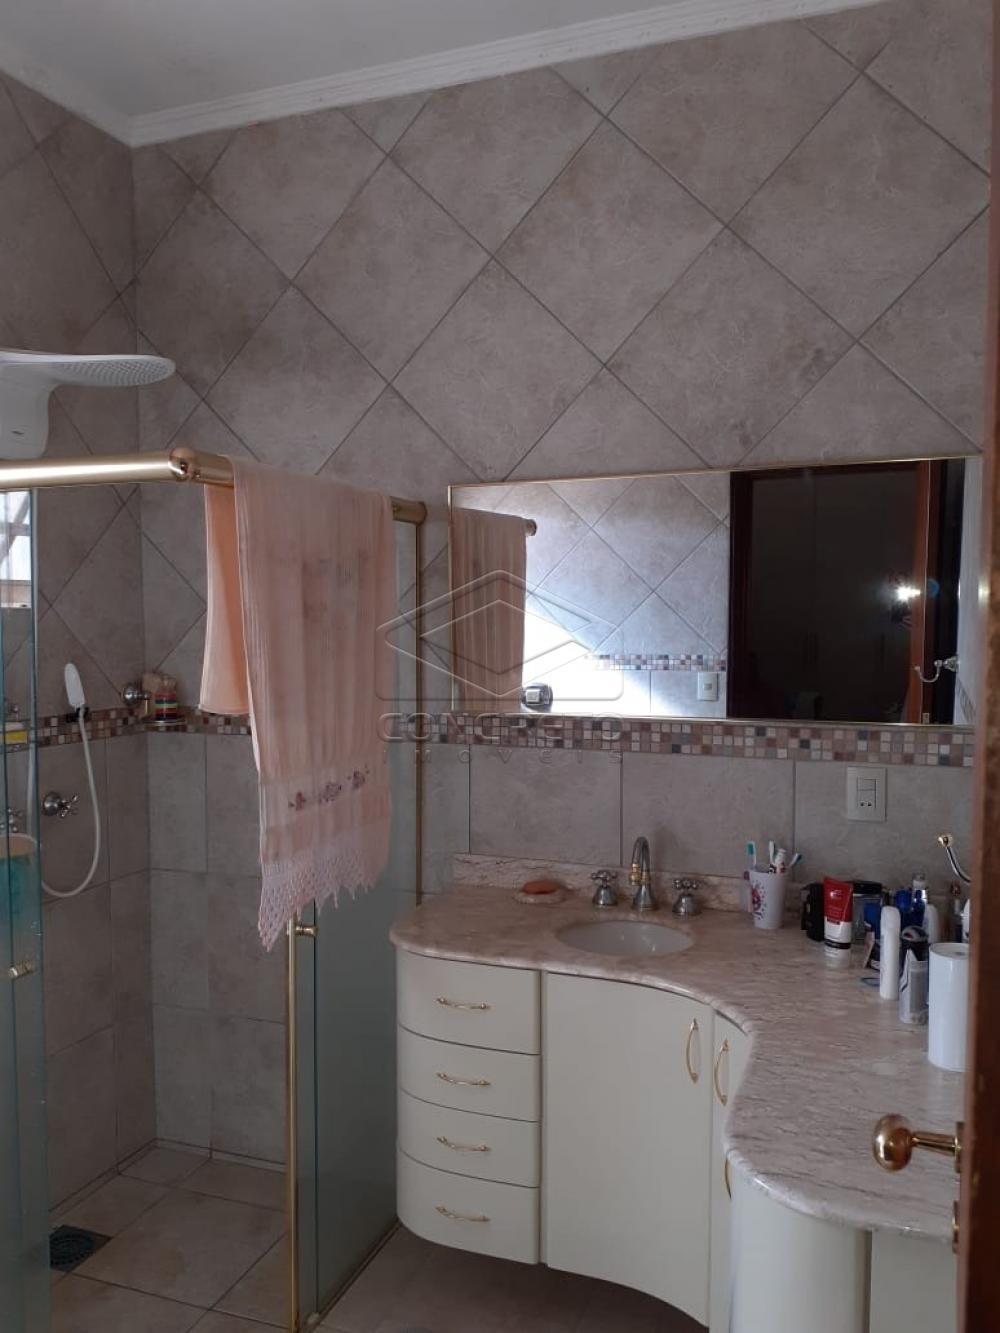 Comprar Casa / Padrão em Sao Manuel apenas R$ 1.250.000,00 - Foto 56